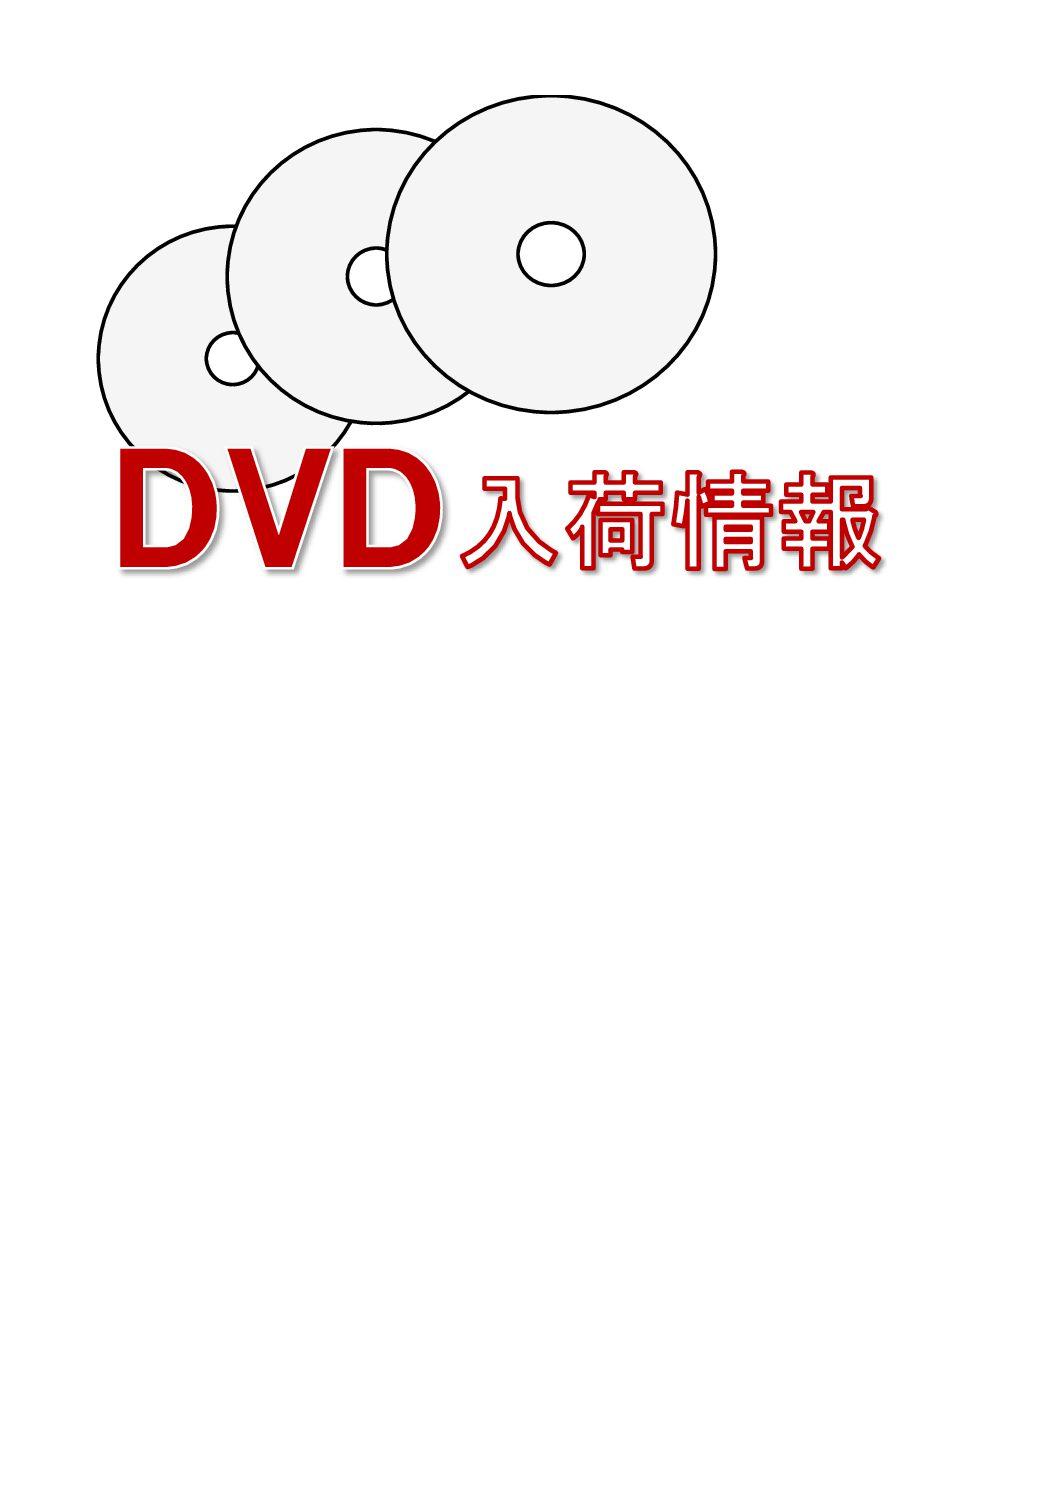 【NEW】大型アソート レンタル用中古DVD一般作 【a-27】